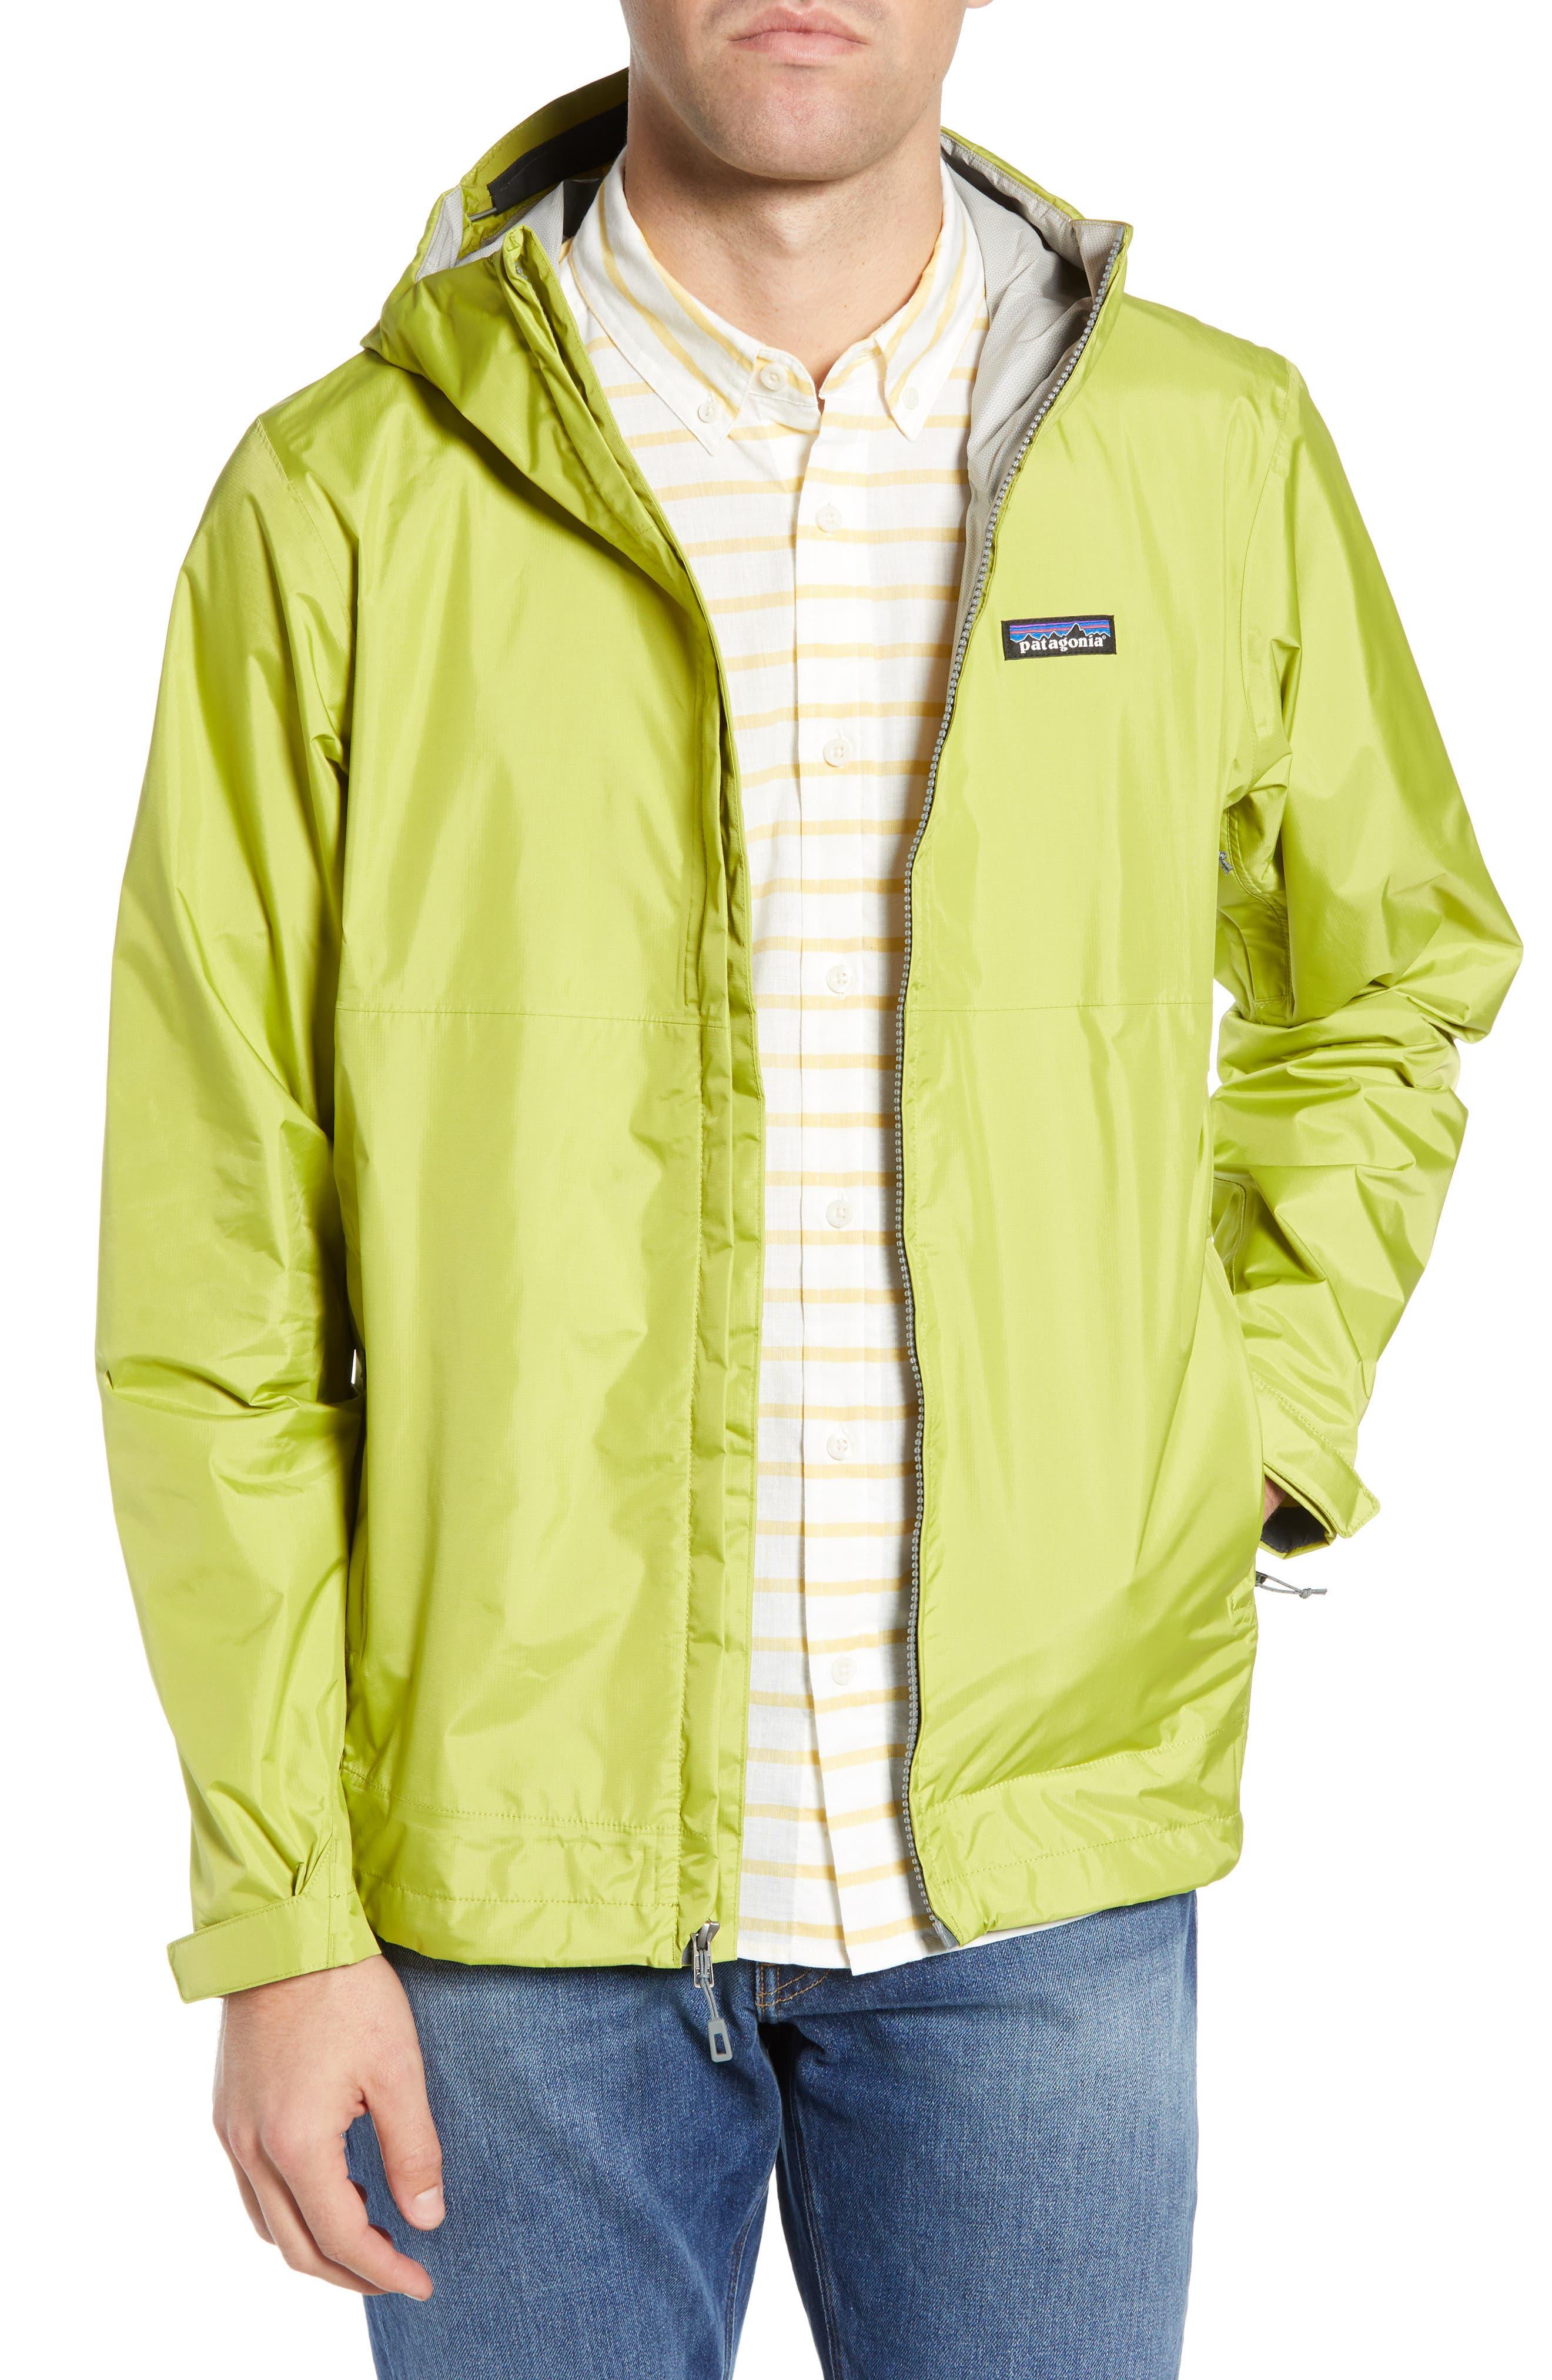 Patagonia Torrentshell Packable Rain Jacket